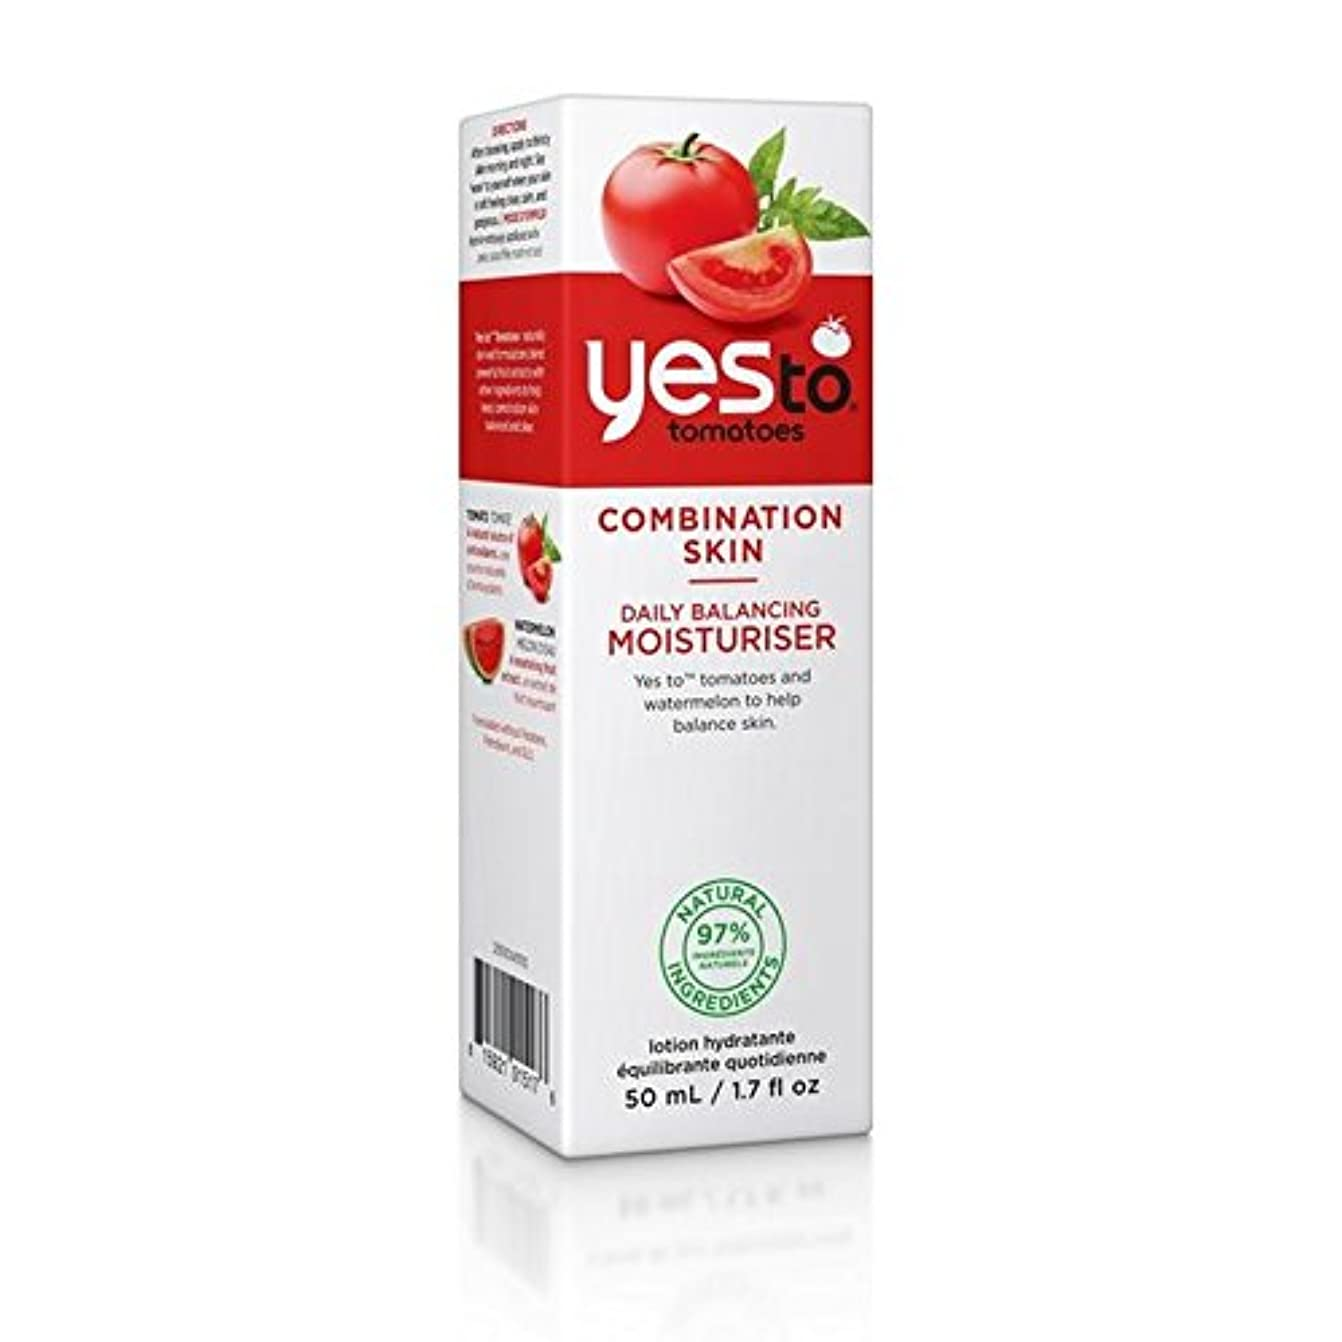 振り返るお世話になった素晴らしいですはいトマトに保湿50ミリリットル x4 - Yes to Tomatoes Moisturiser 50ml (Pack of 4) [並行輸入品]